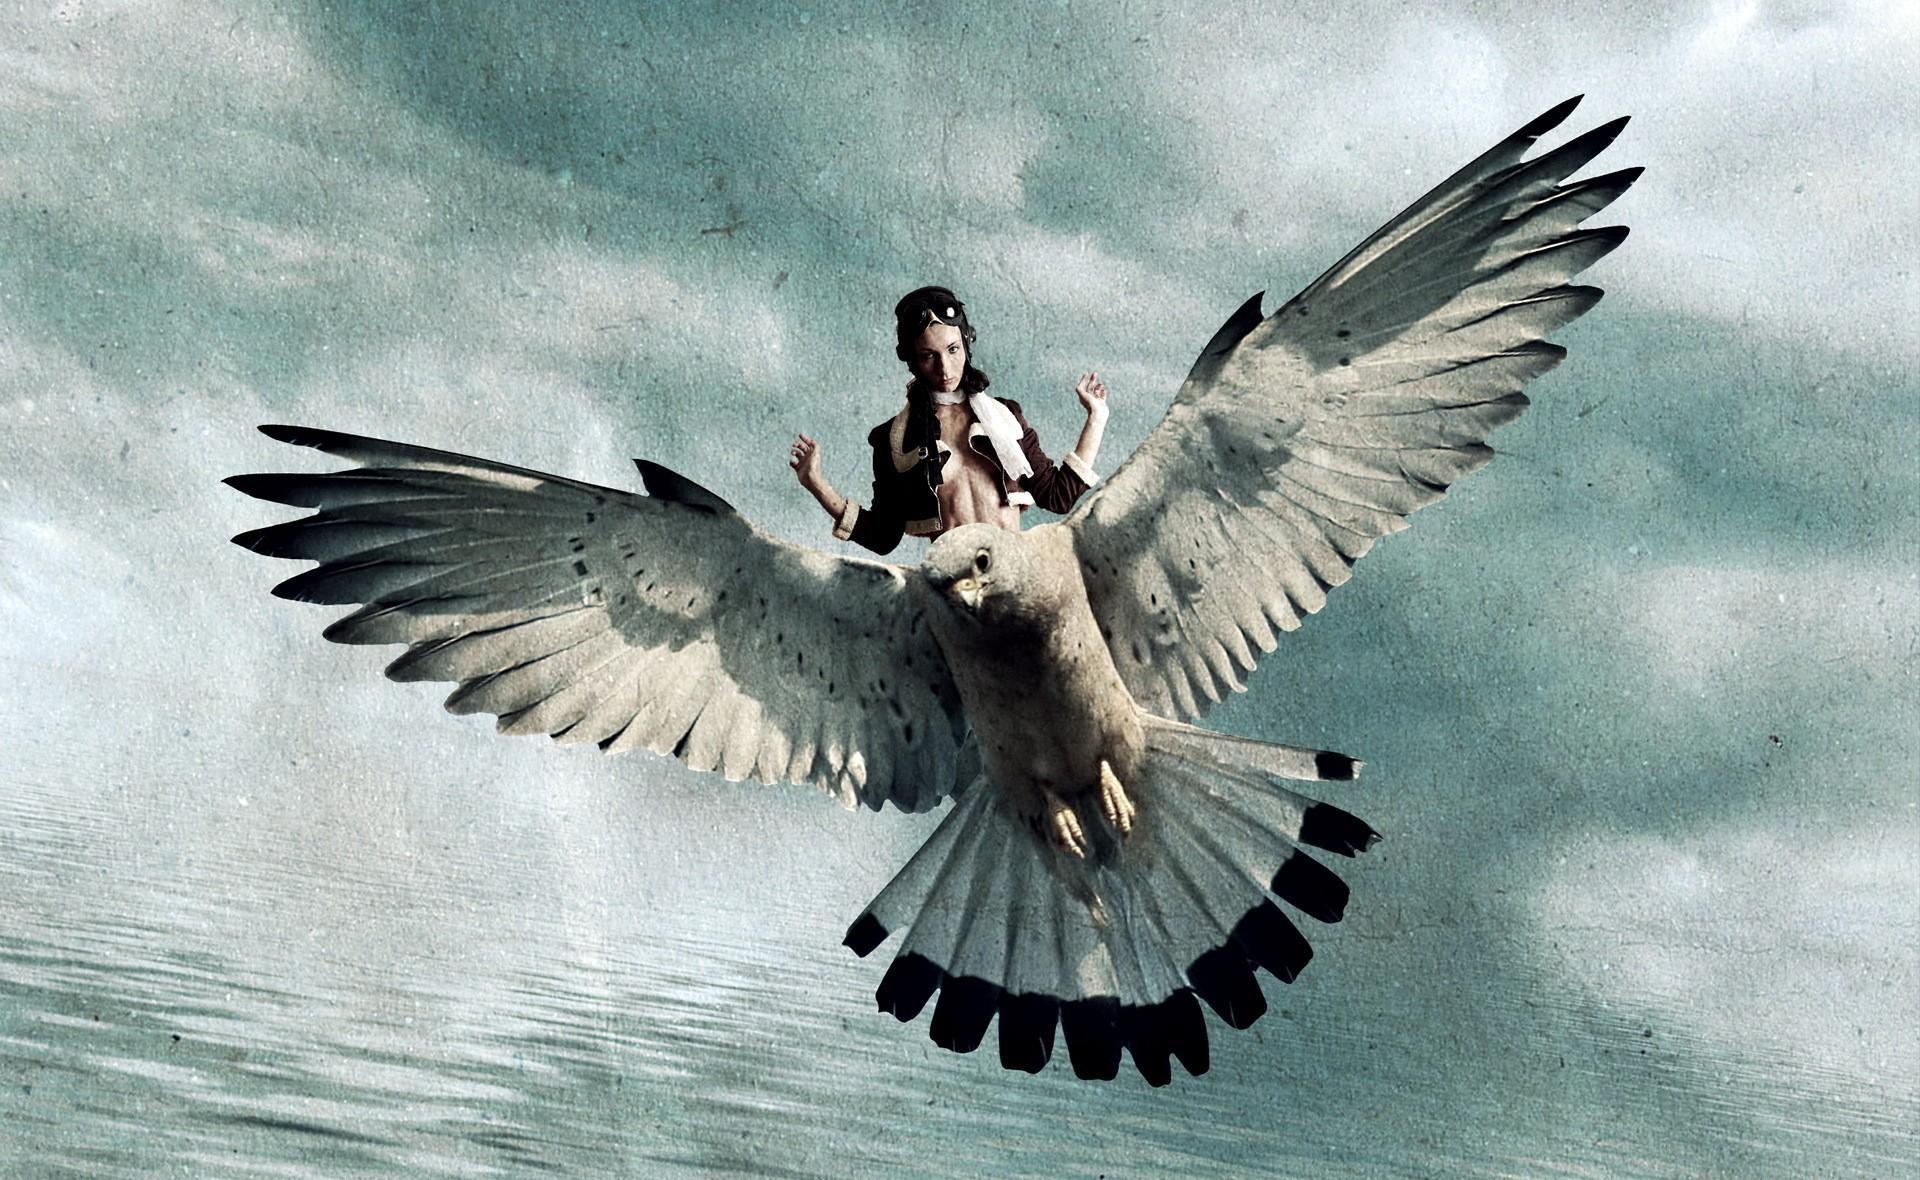 что цель картинка человек летит на птице покровском